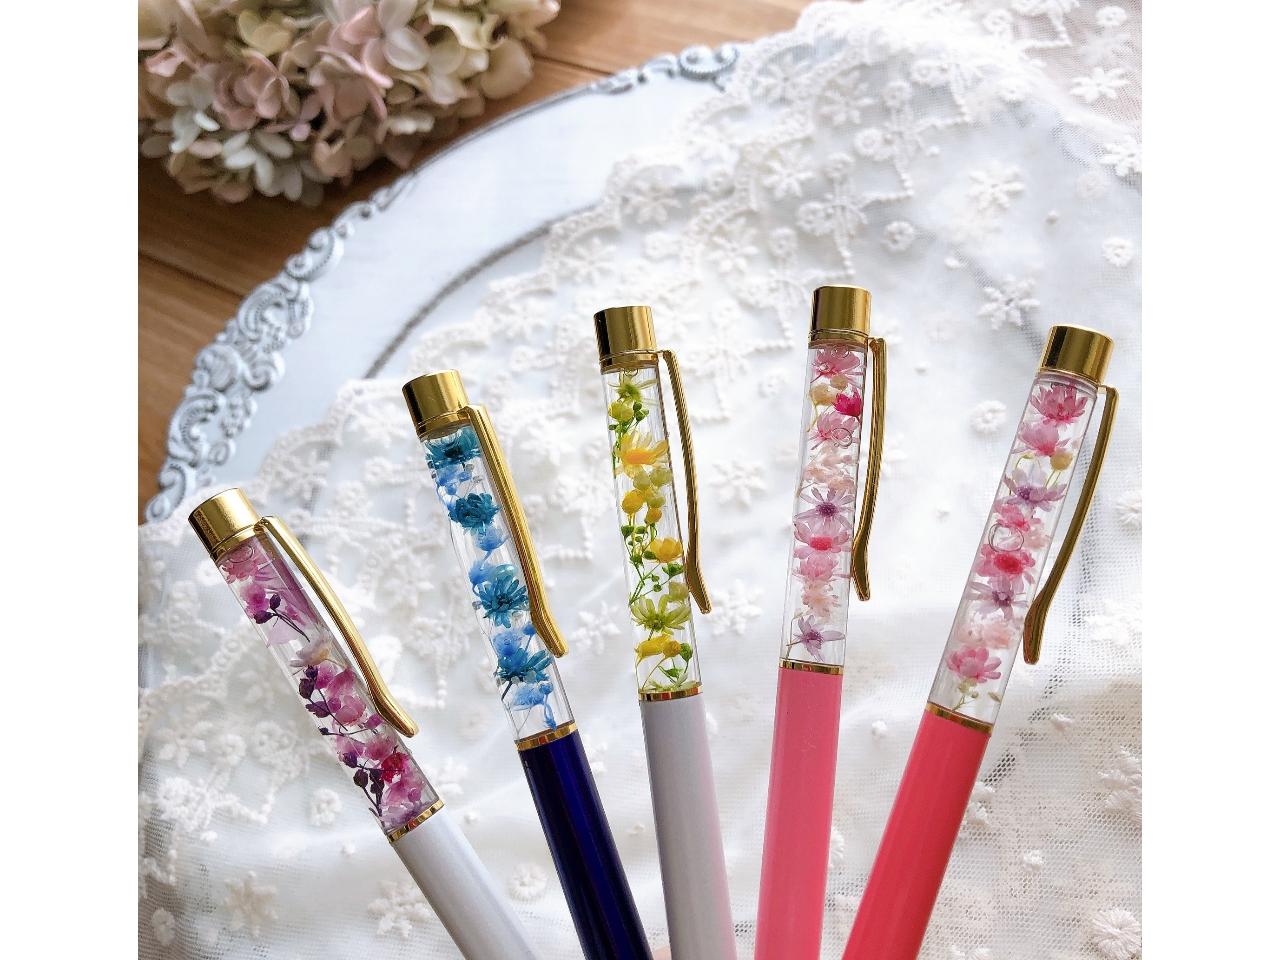 【和歌山県在住の方限定】\*お花のボールペン作り*/本体の色から中身も全て自由に...